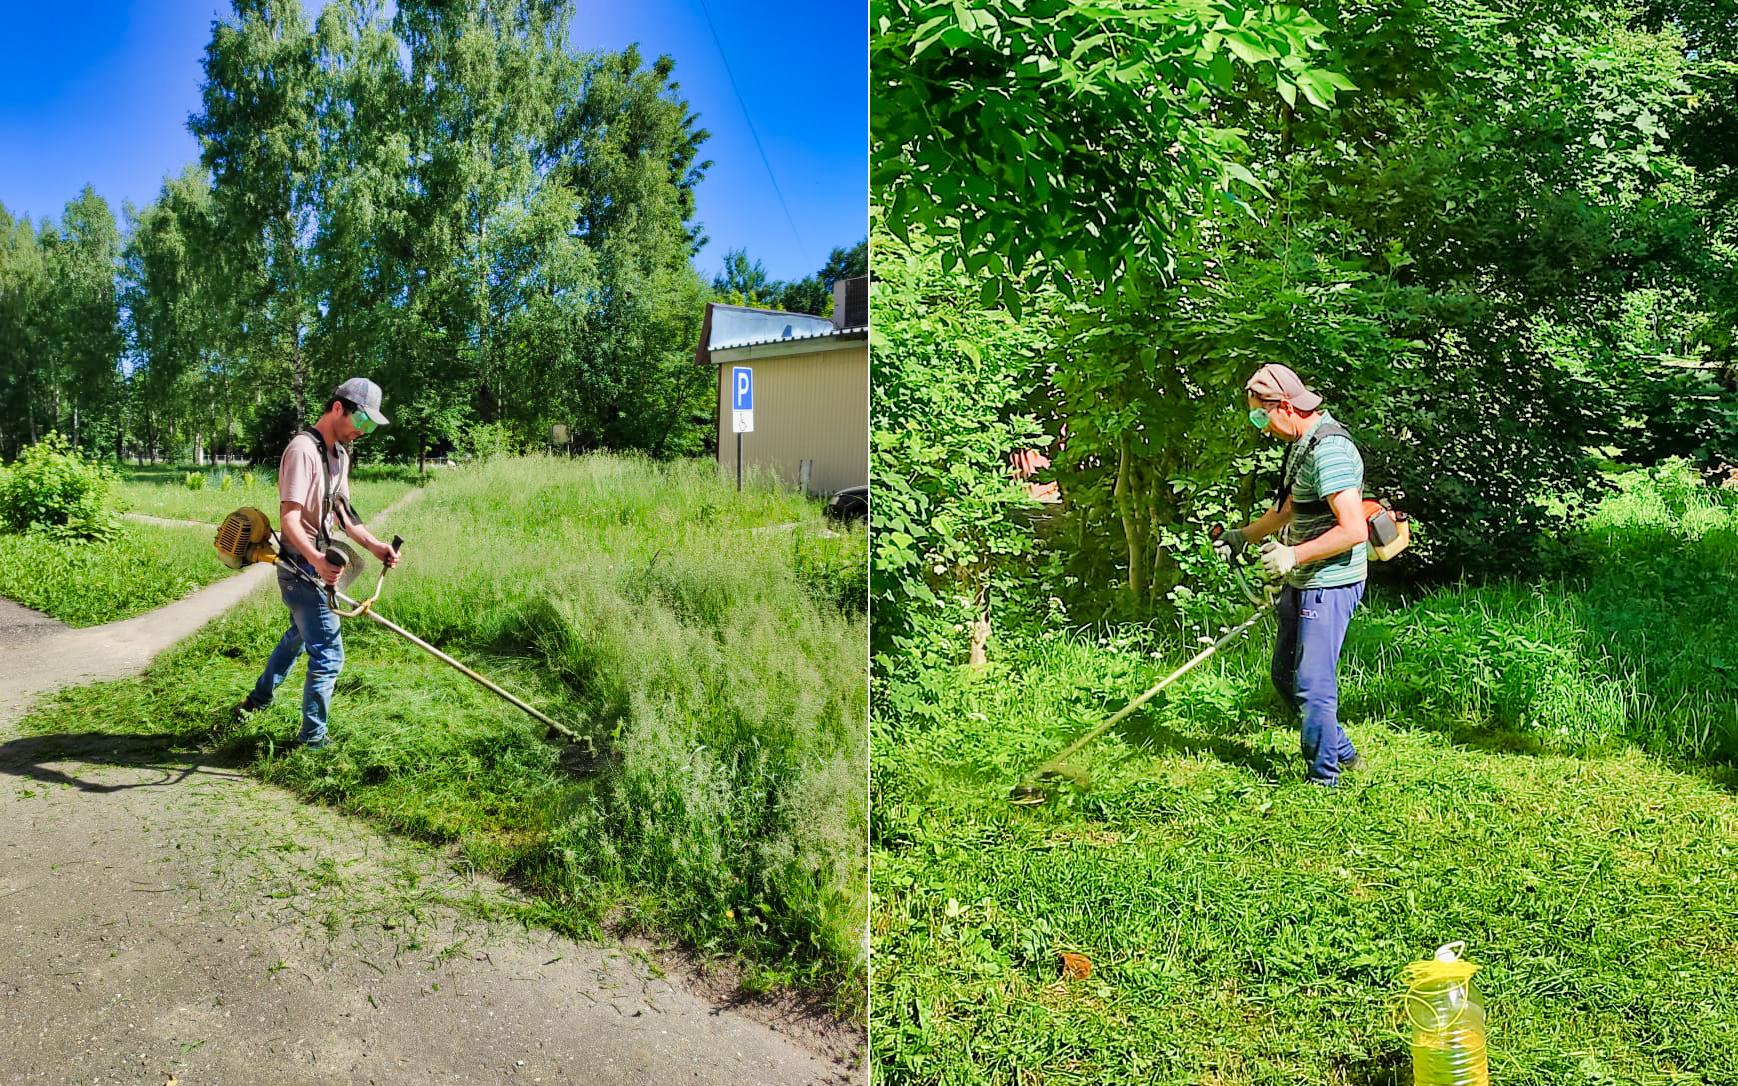 Ежедневно окашиваем траву на придомовых территориях